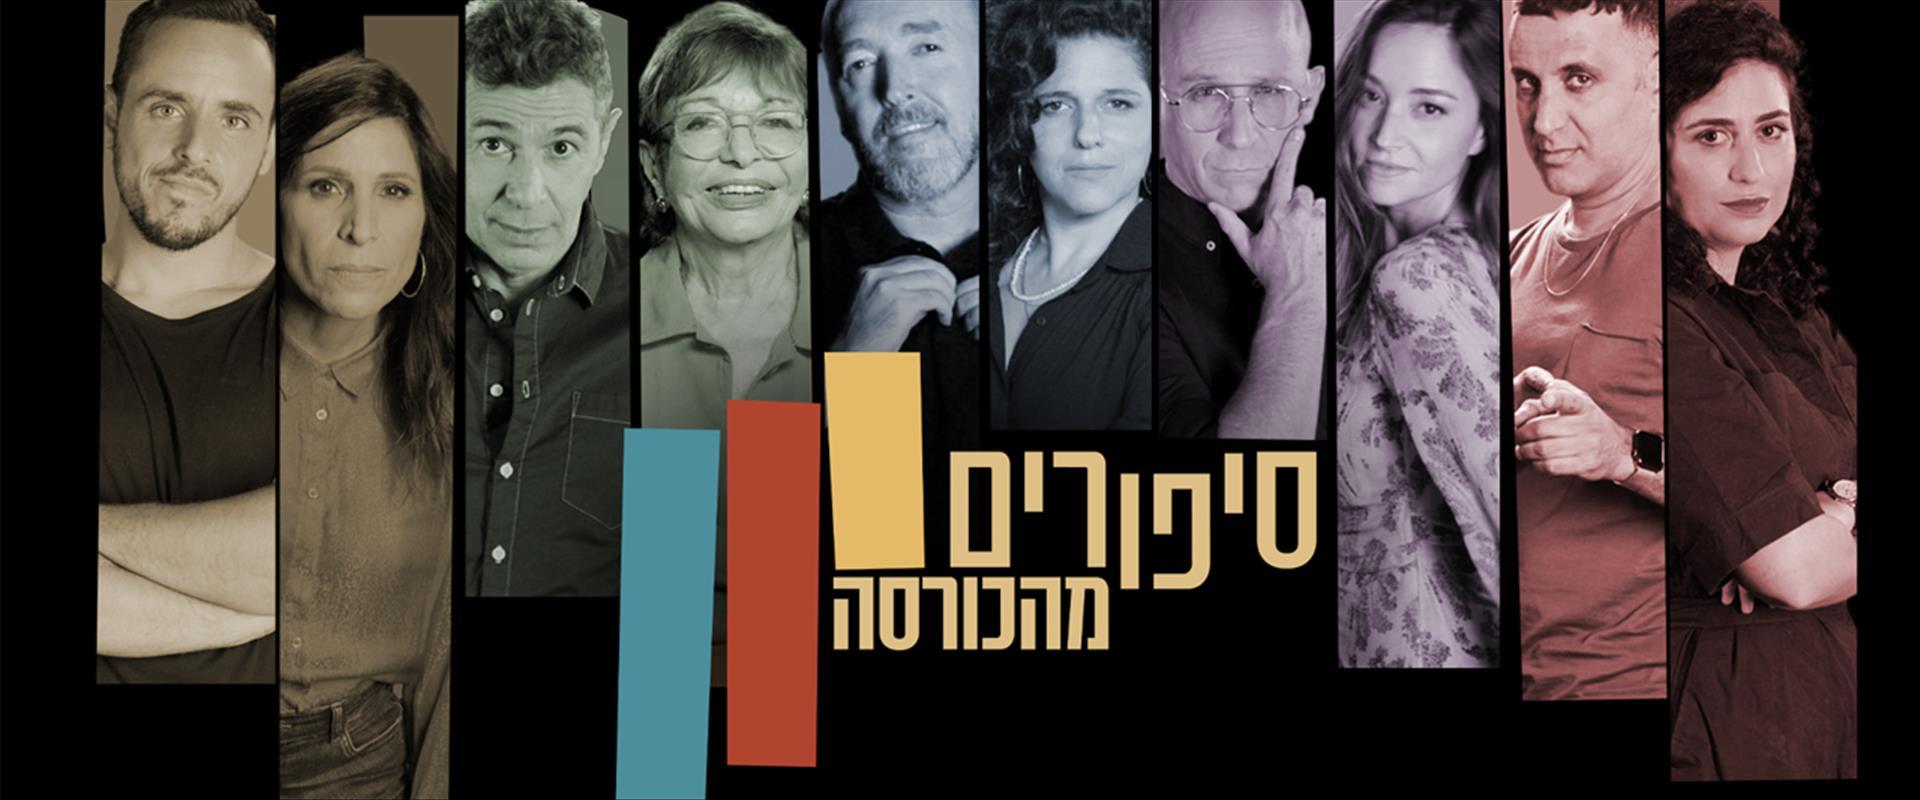 סיפורים מהכורסה - עונה 2